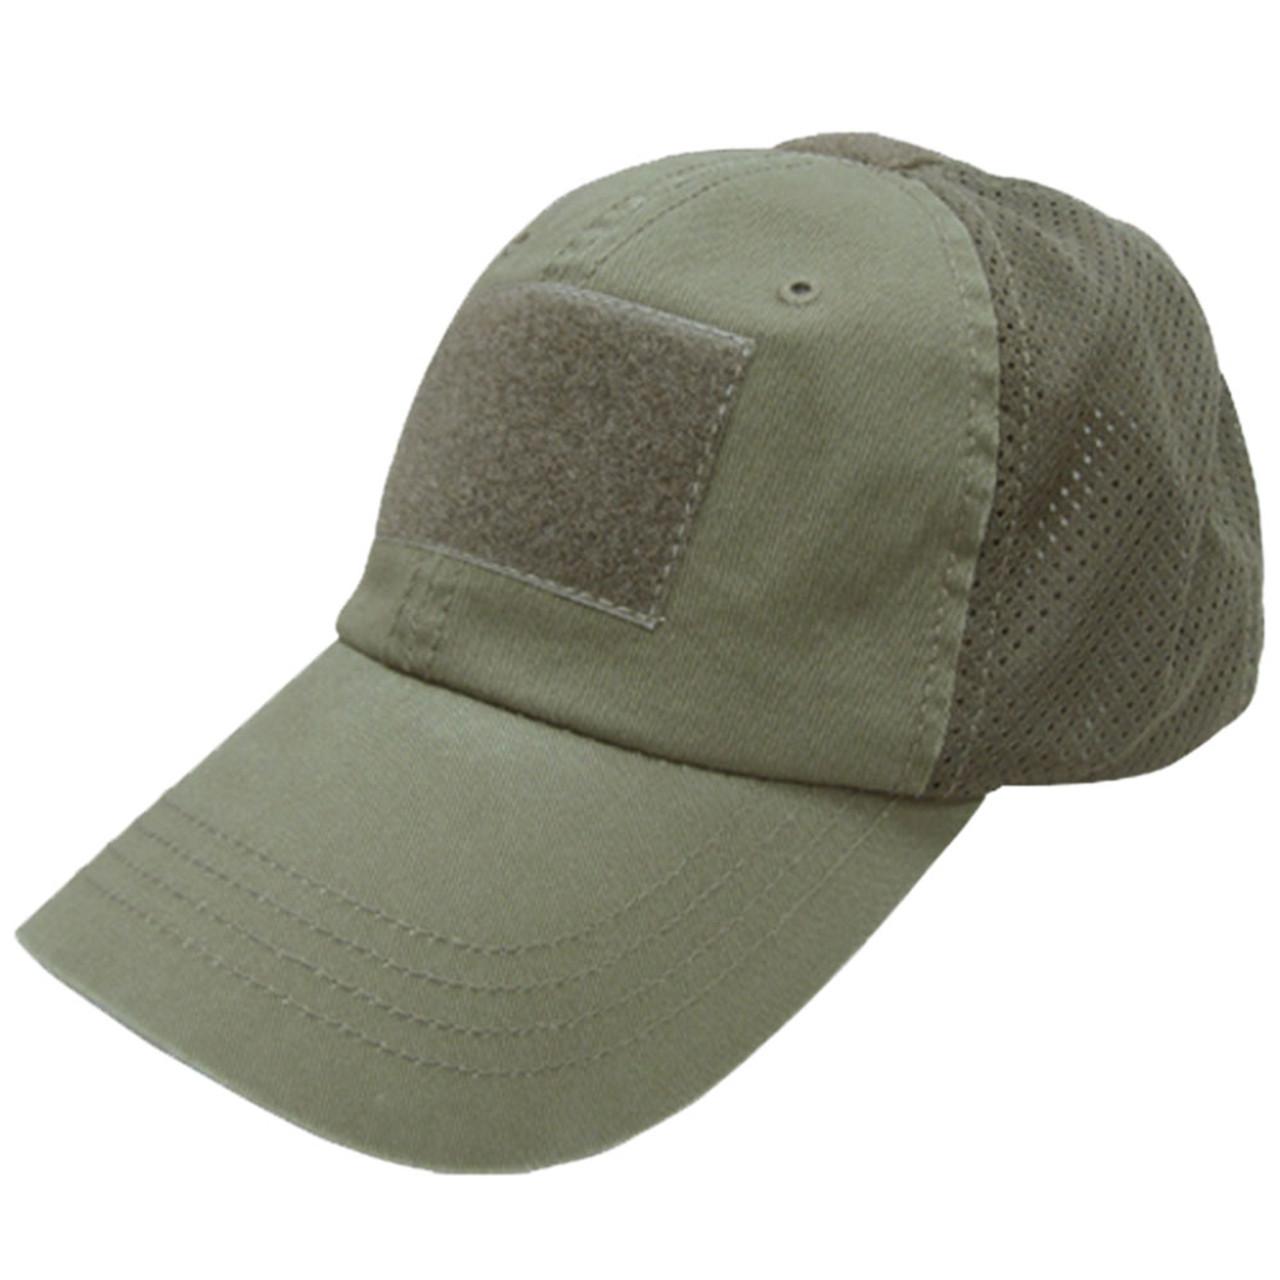 Condor Mesh Tactical Cap - One Size - Atlantic Tactical Inc 2aaa56689fee